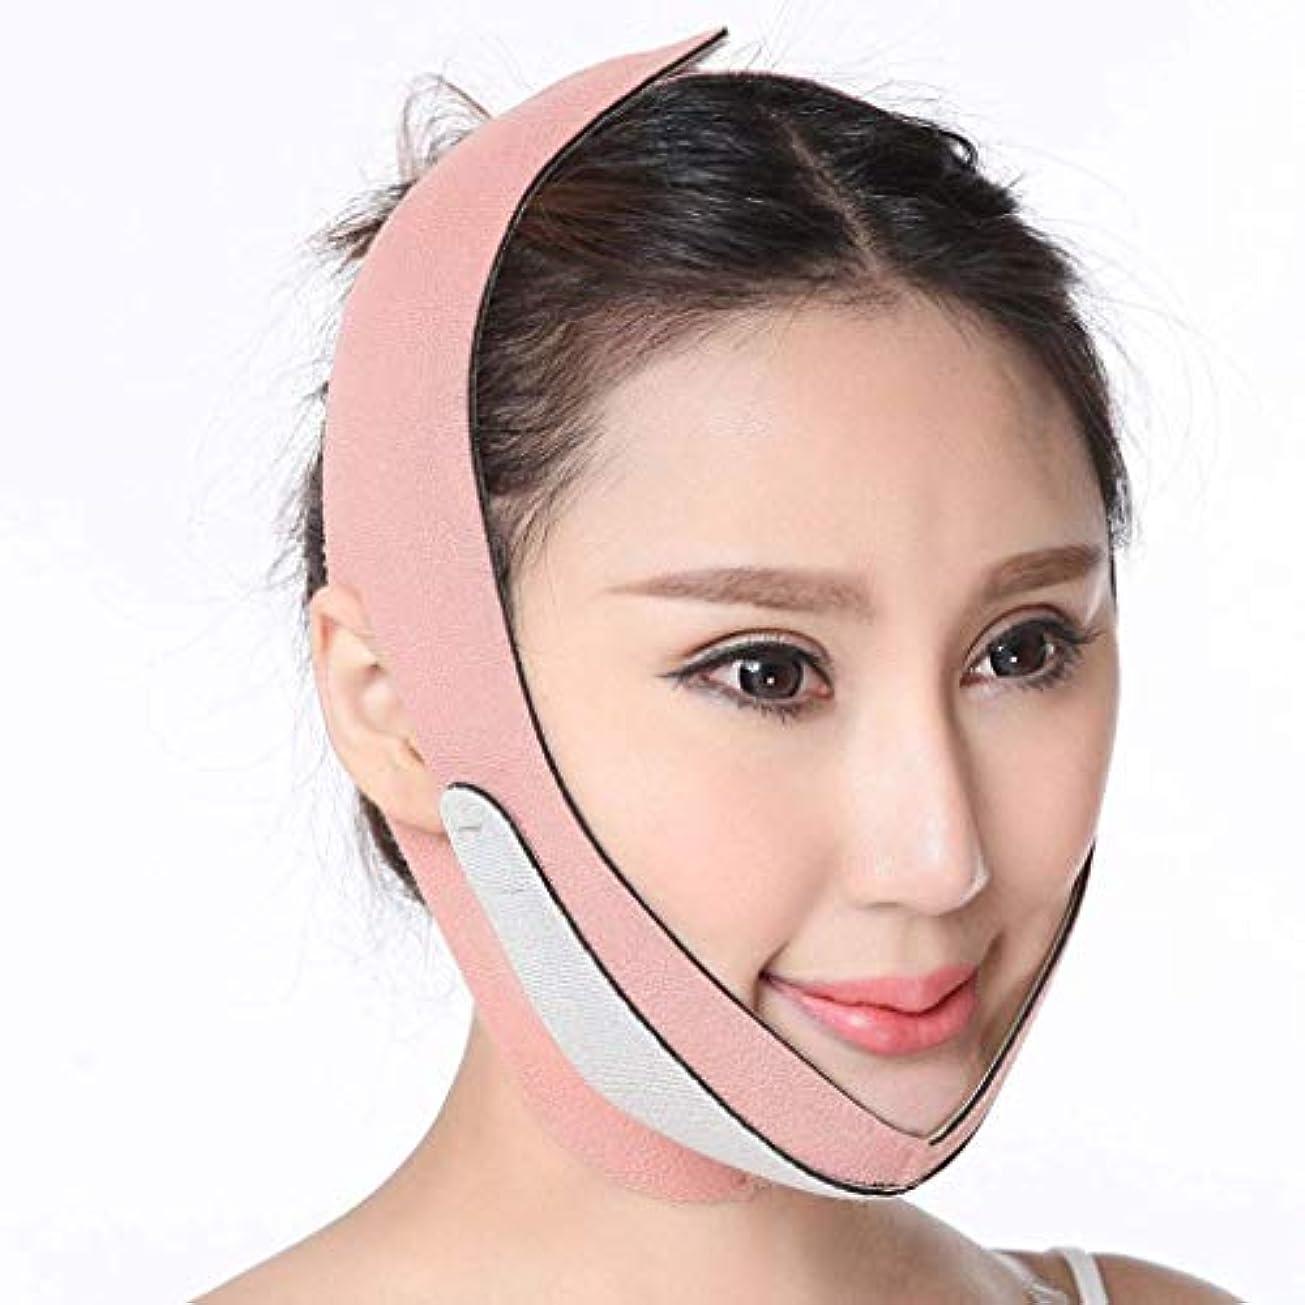 ベンチ問い合わせる実行可能Pichidr-JP 顔の痩身ストラップ顔痩身マスクVフェイスベルトフェイスリフト包帯リフト顎のほっそりスリム痩身包帯通気性